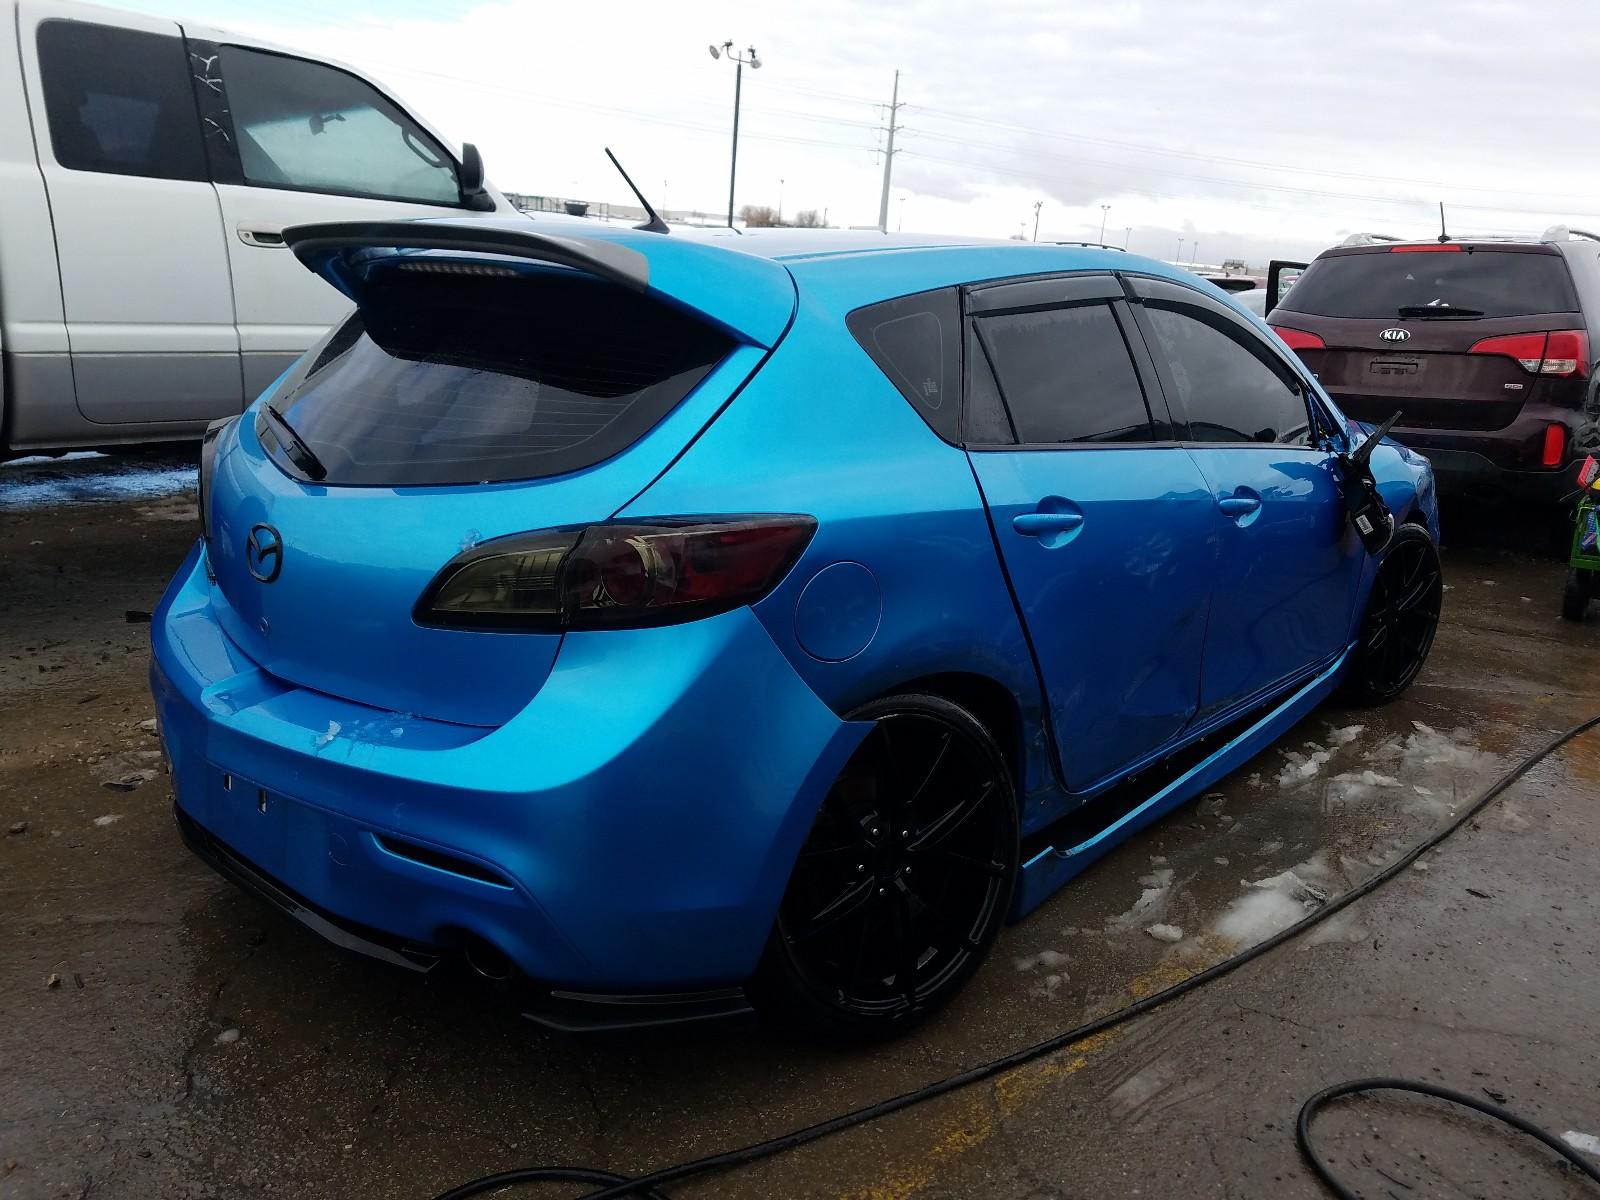 JM1BL1K37B1400261 - 2011 Mazda Speed 3 2.3L rear view